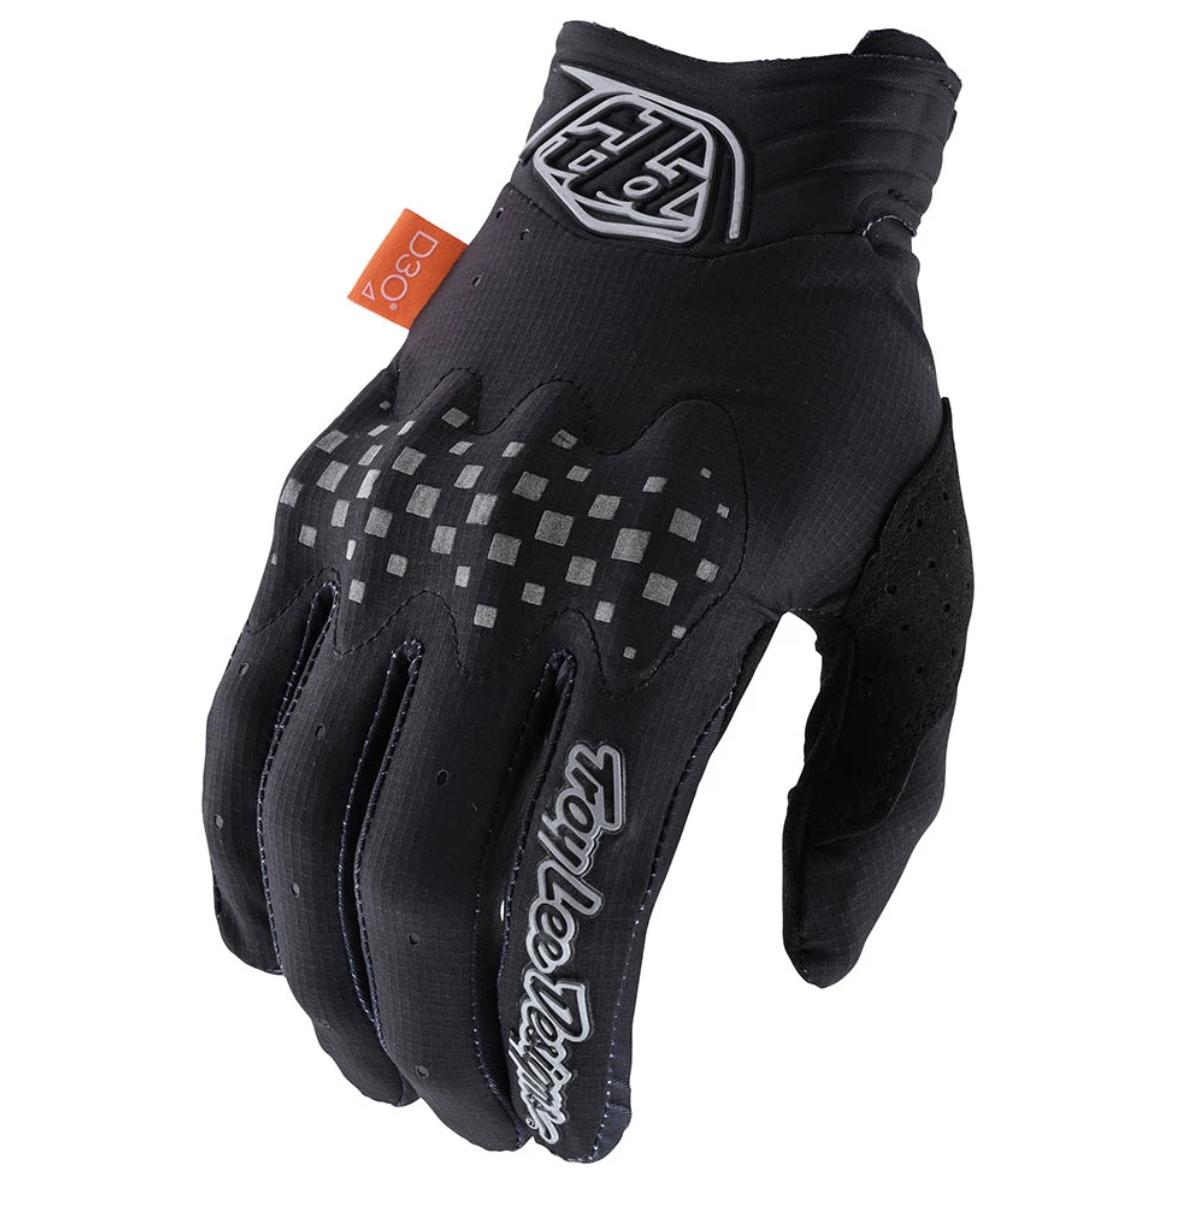 Gambit Glove